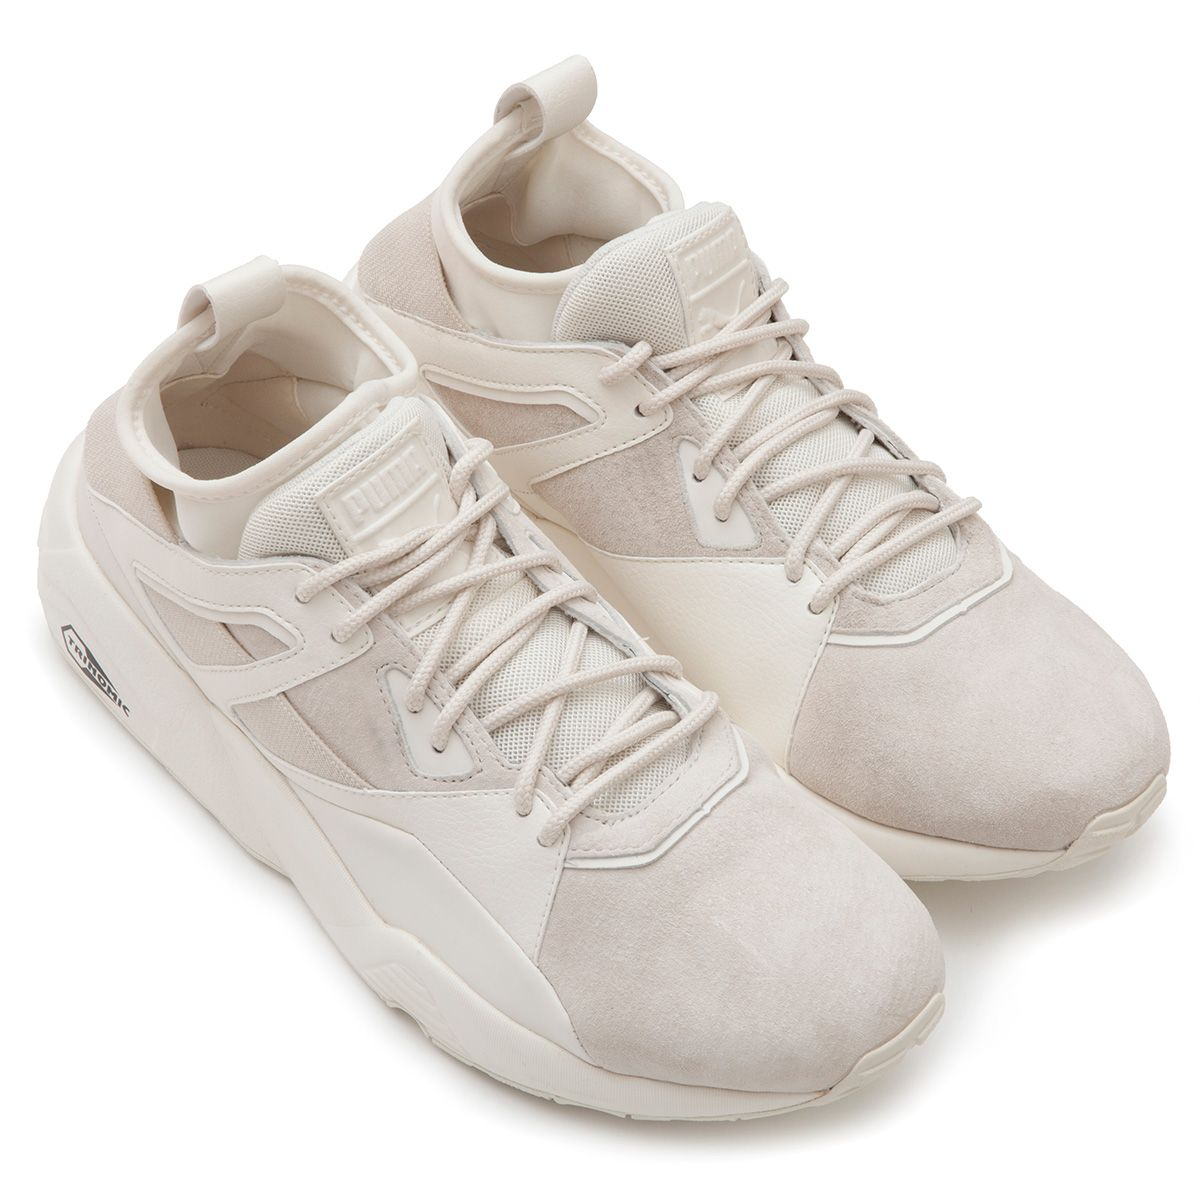 puma blaze of glory sock sneaker